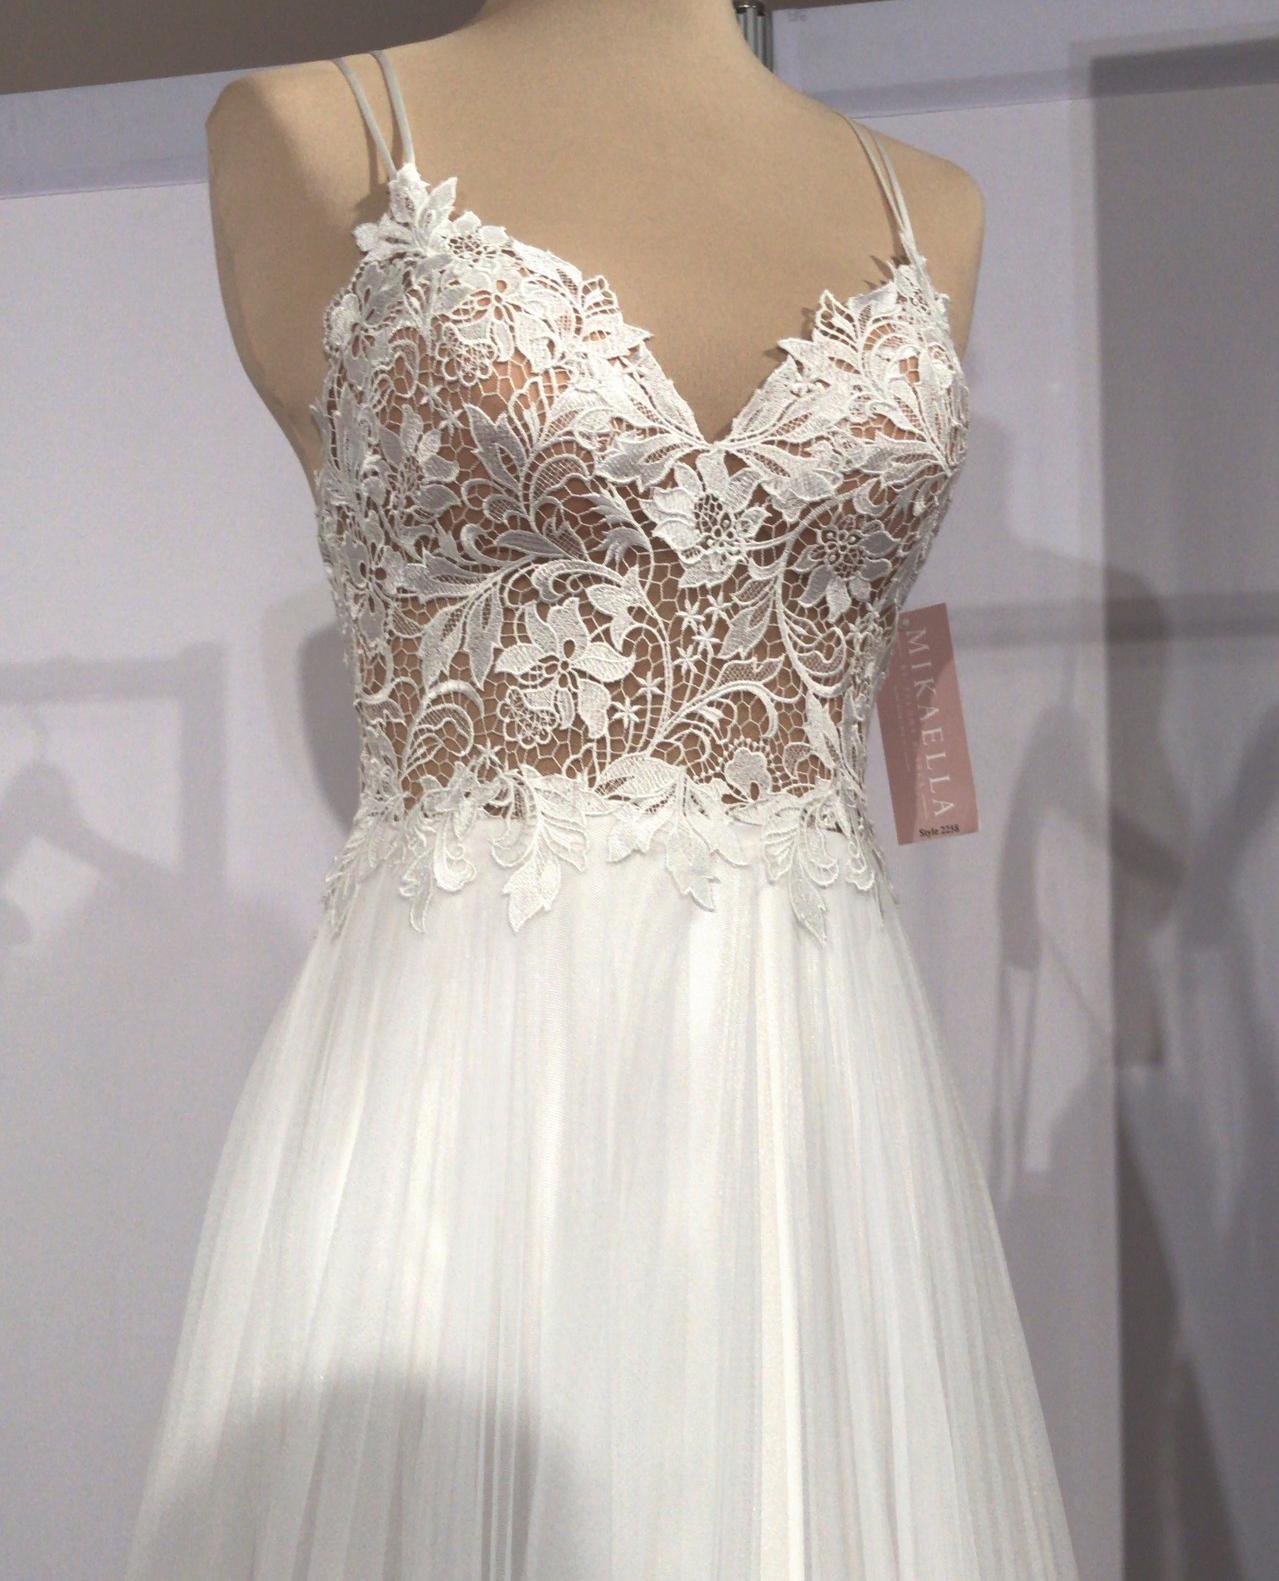 Enchanting Lace Bodice Wedding Dress Style 2258 Bodice